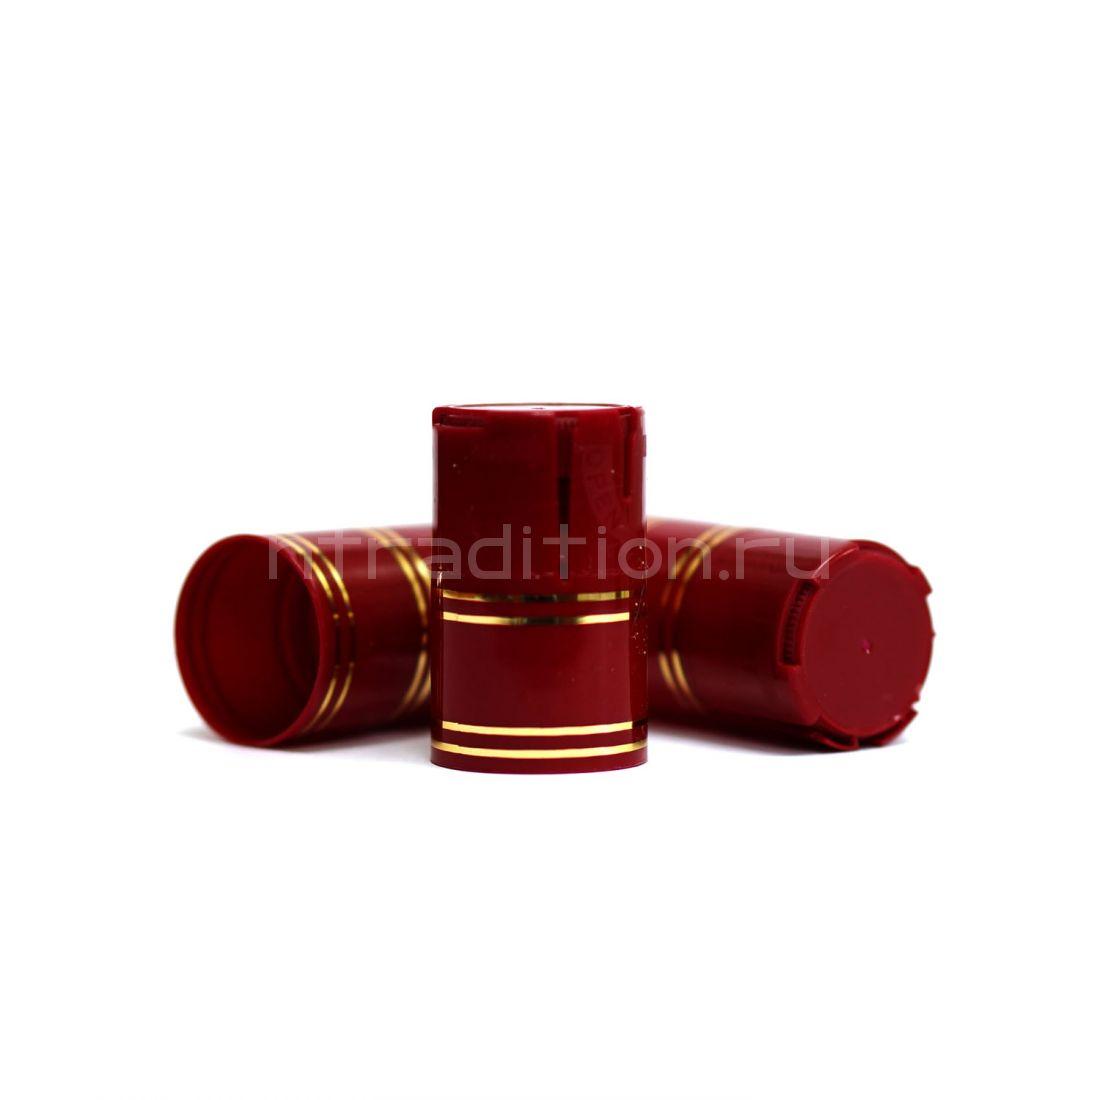 Пластиковый колпачок на бутылку винт 28*18 мм, 10 шт (бордовый)